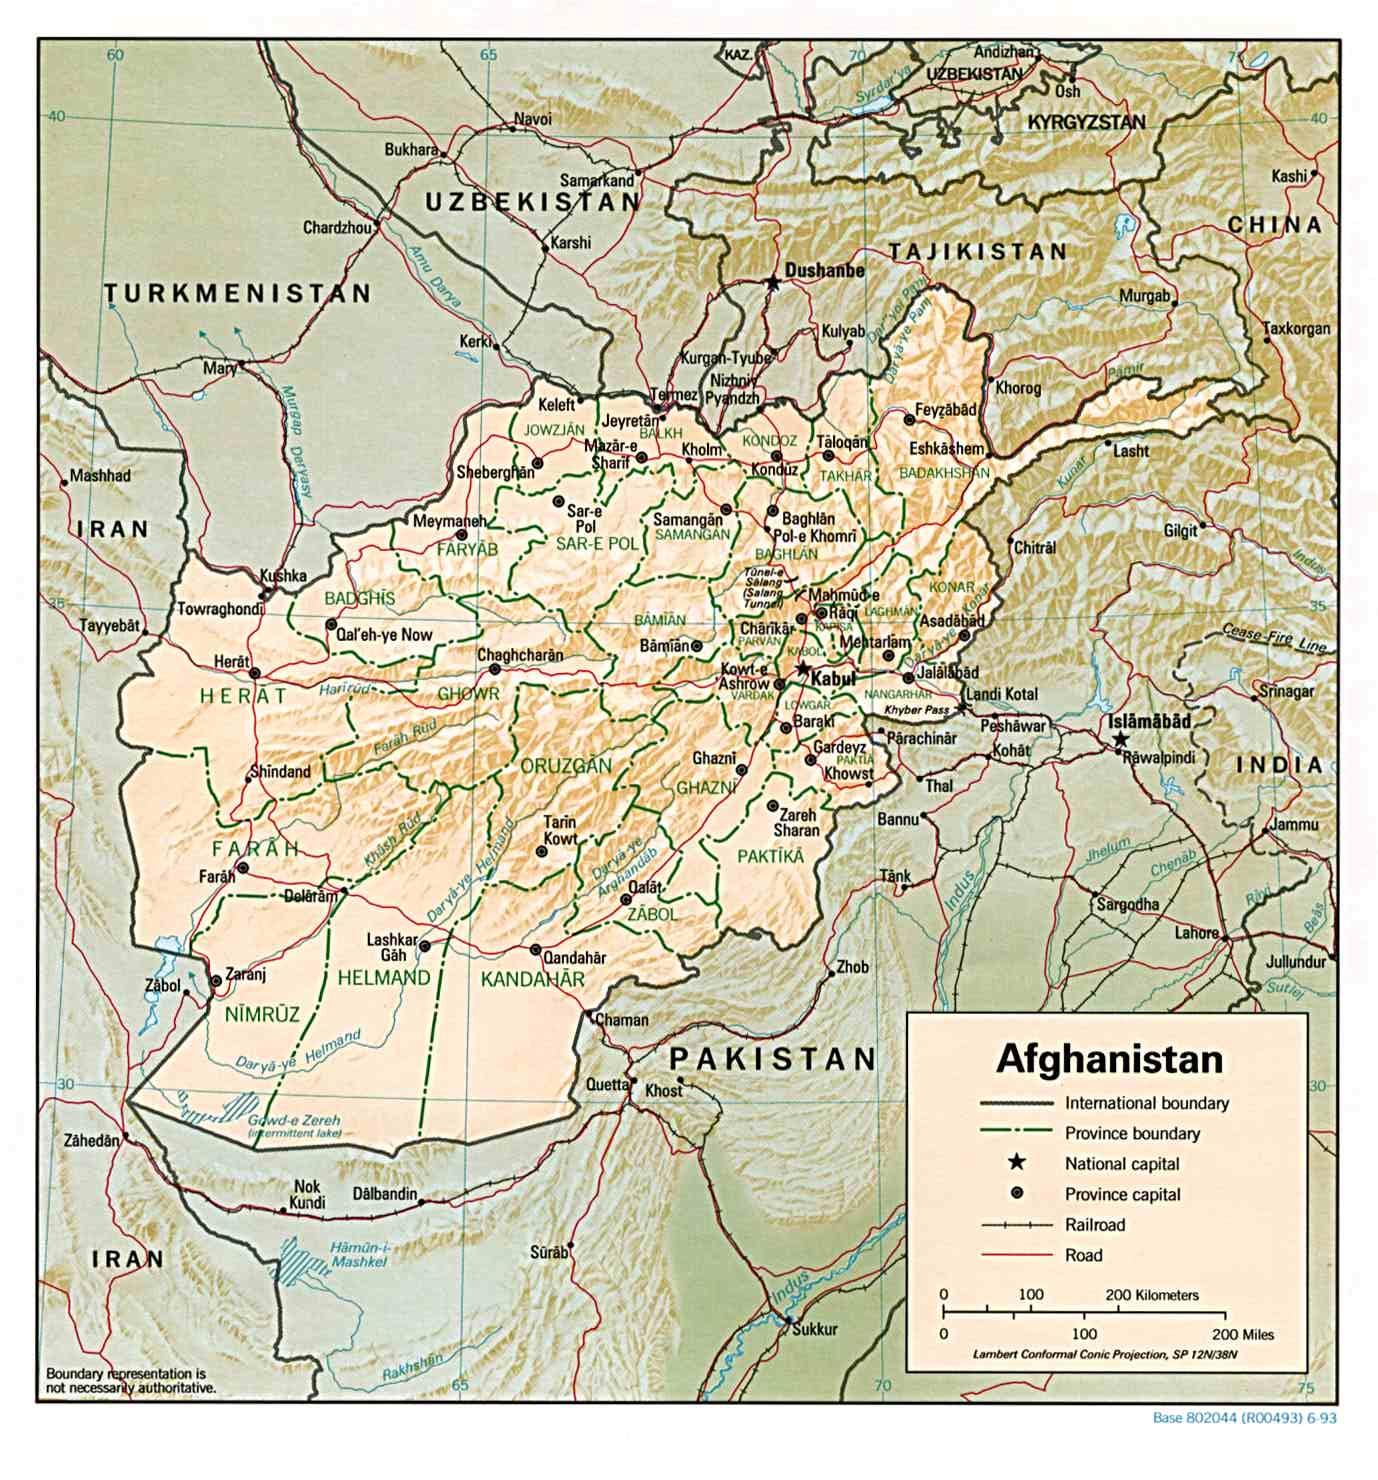 https://i0.wp.com/mindtel.com/2006/0307.jalalabad/maps/afghanistan.jpg